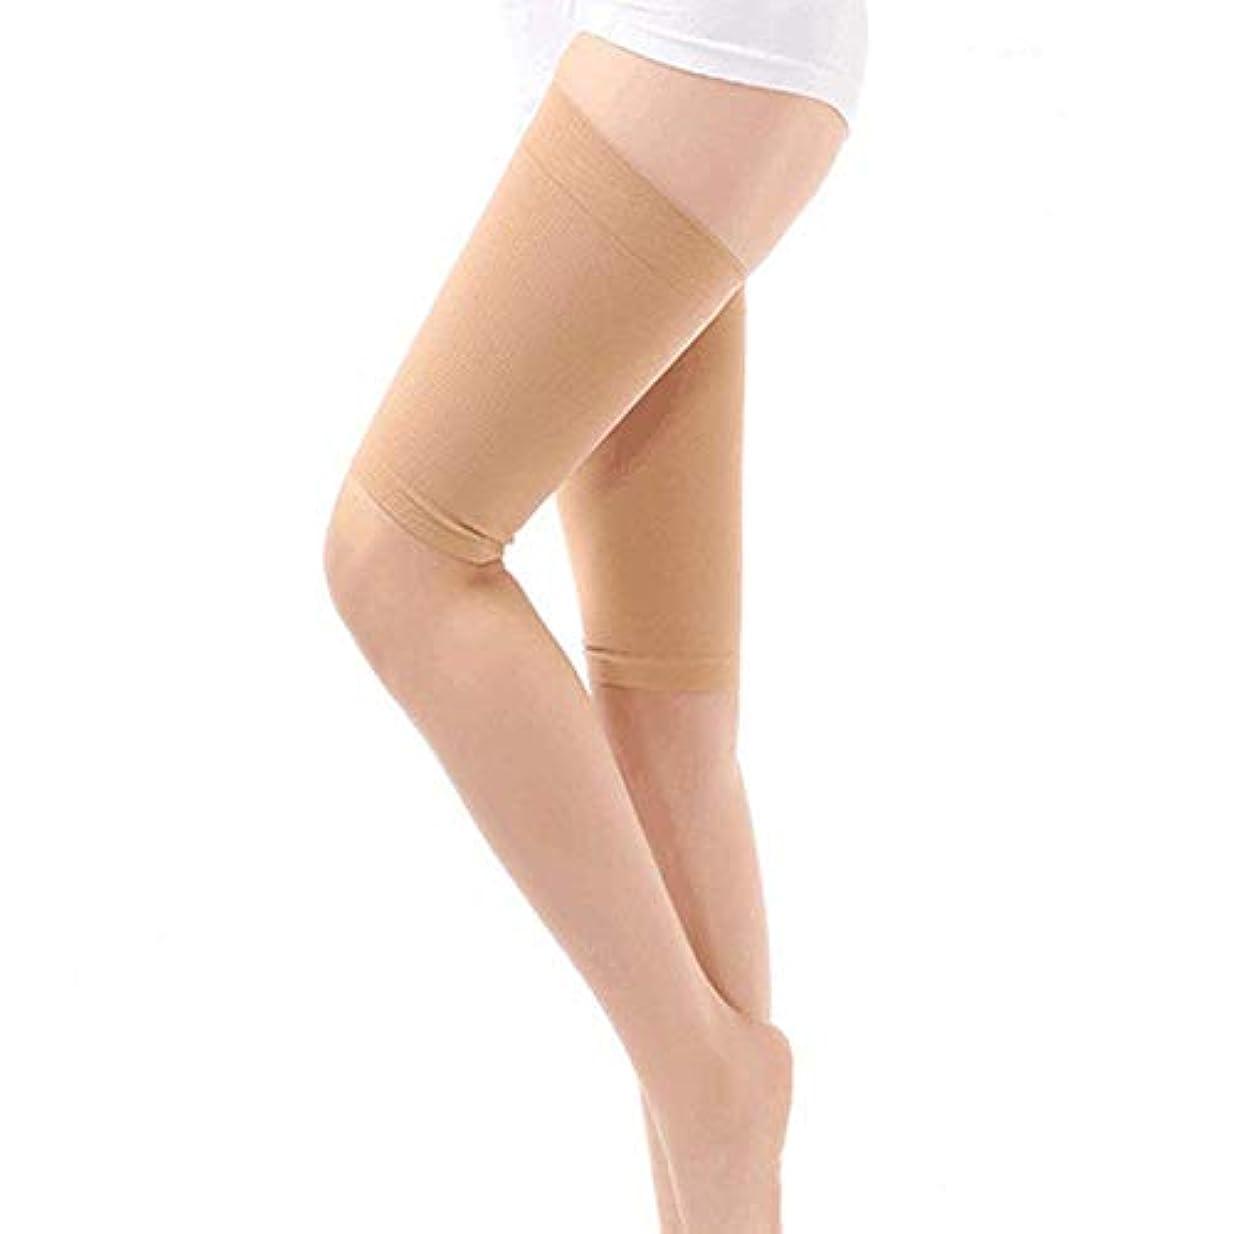 評価するおとうさん注意太もも燃焼 むくみ セルライト 除去 婦人科系 に作用 両足セット肌の色